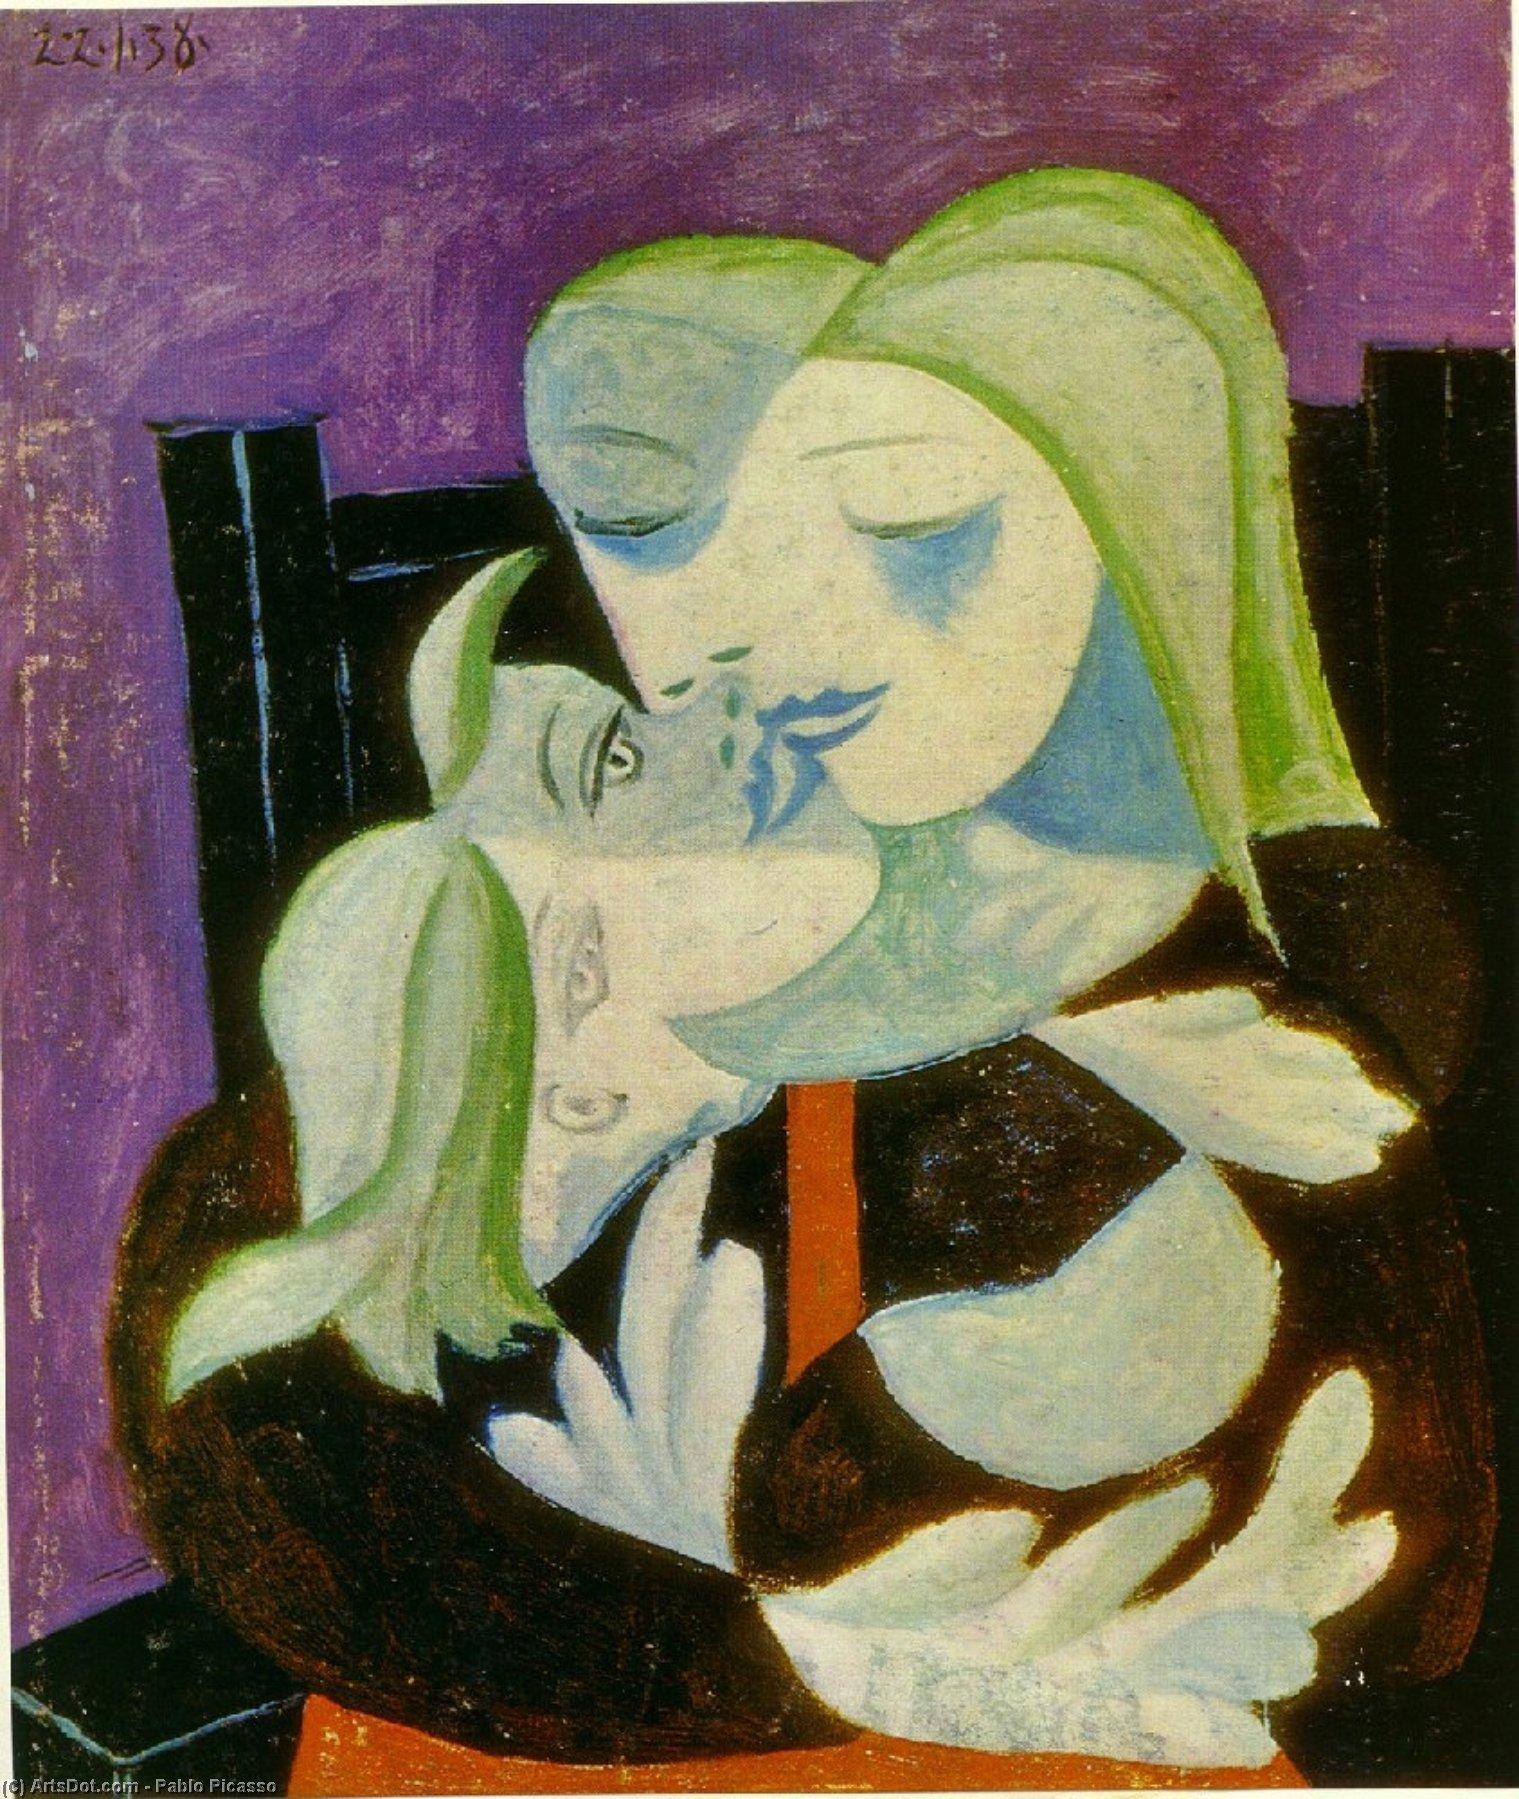 WikiOO.org - Энциклопедия изобразительного искусства - Живопись, Картины  Pablo Picasso - Мать и ребенок ( Marie-Therese и майя )